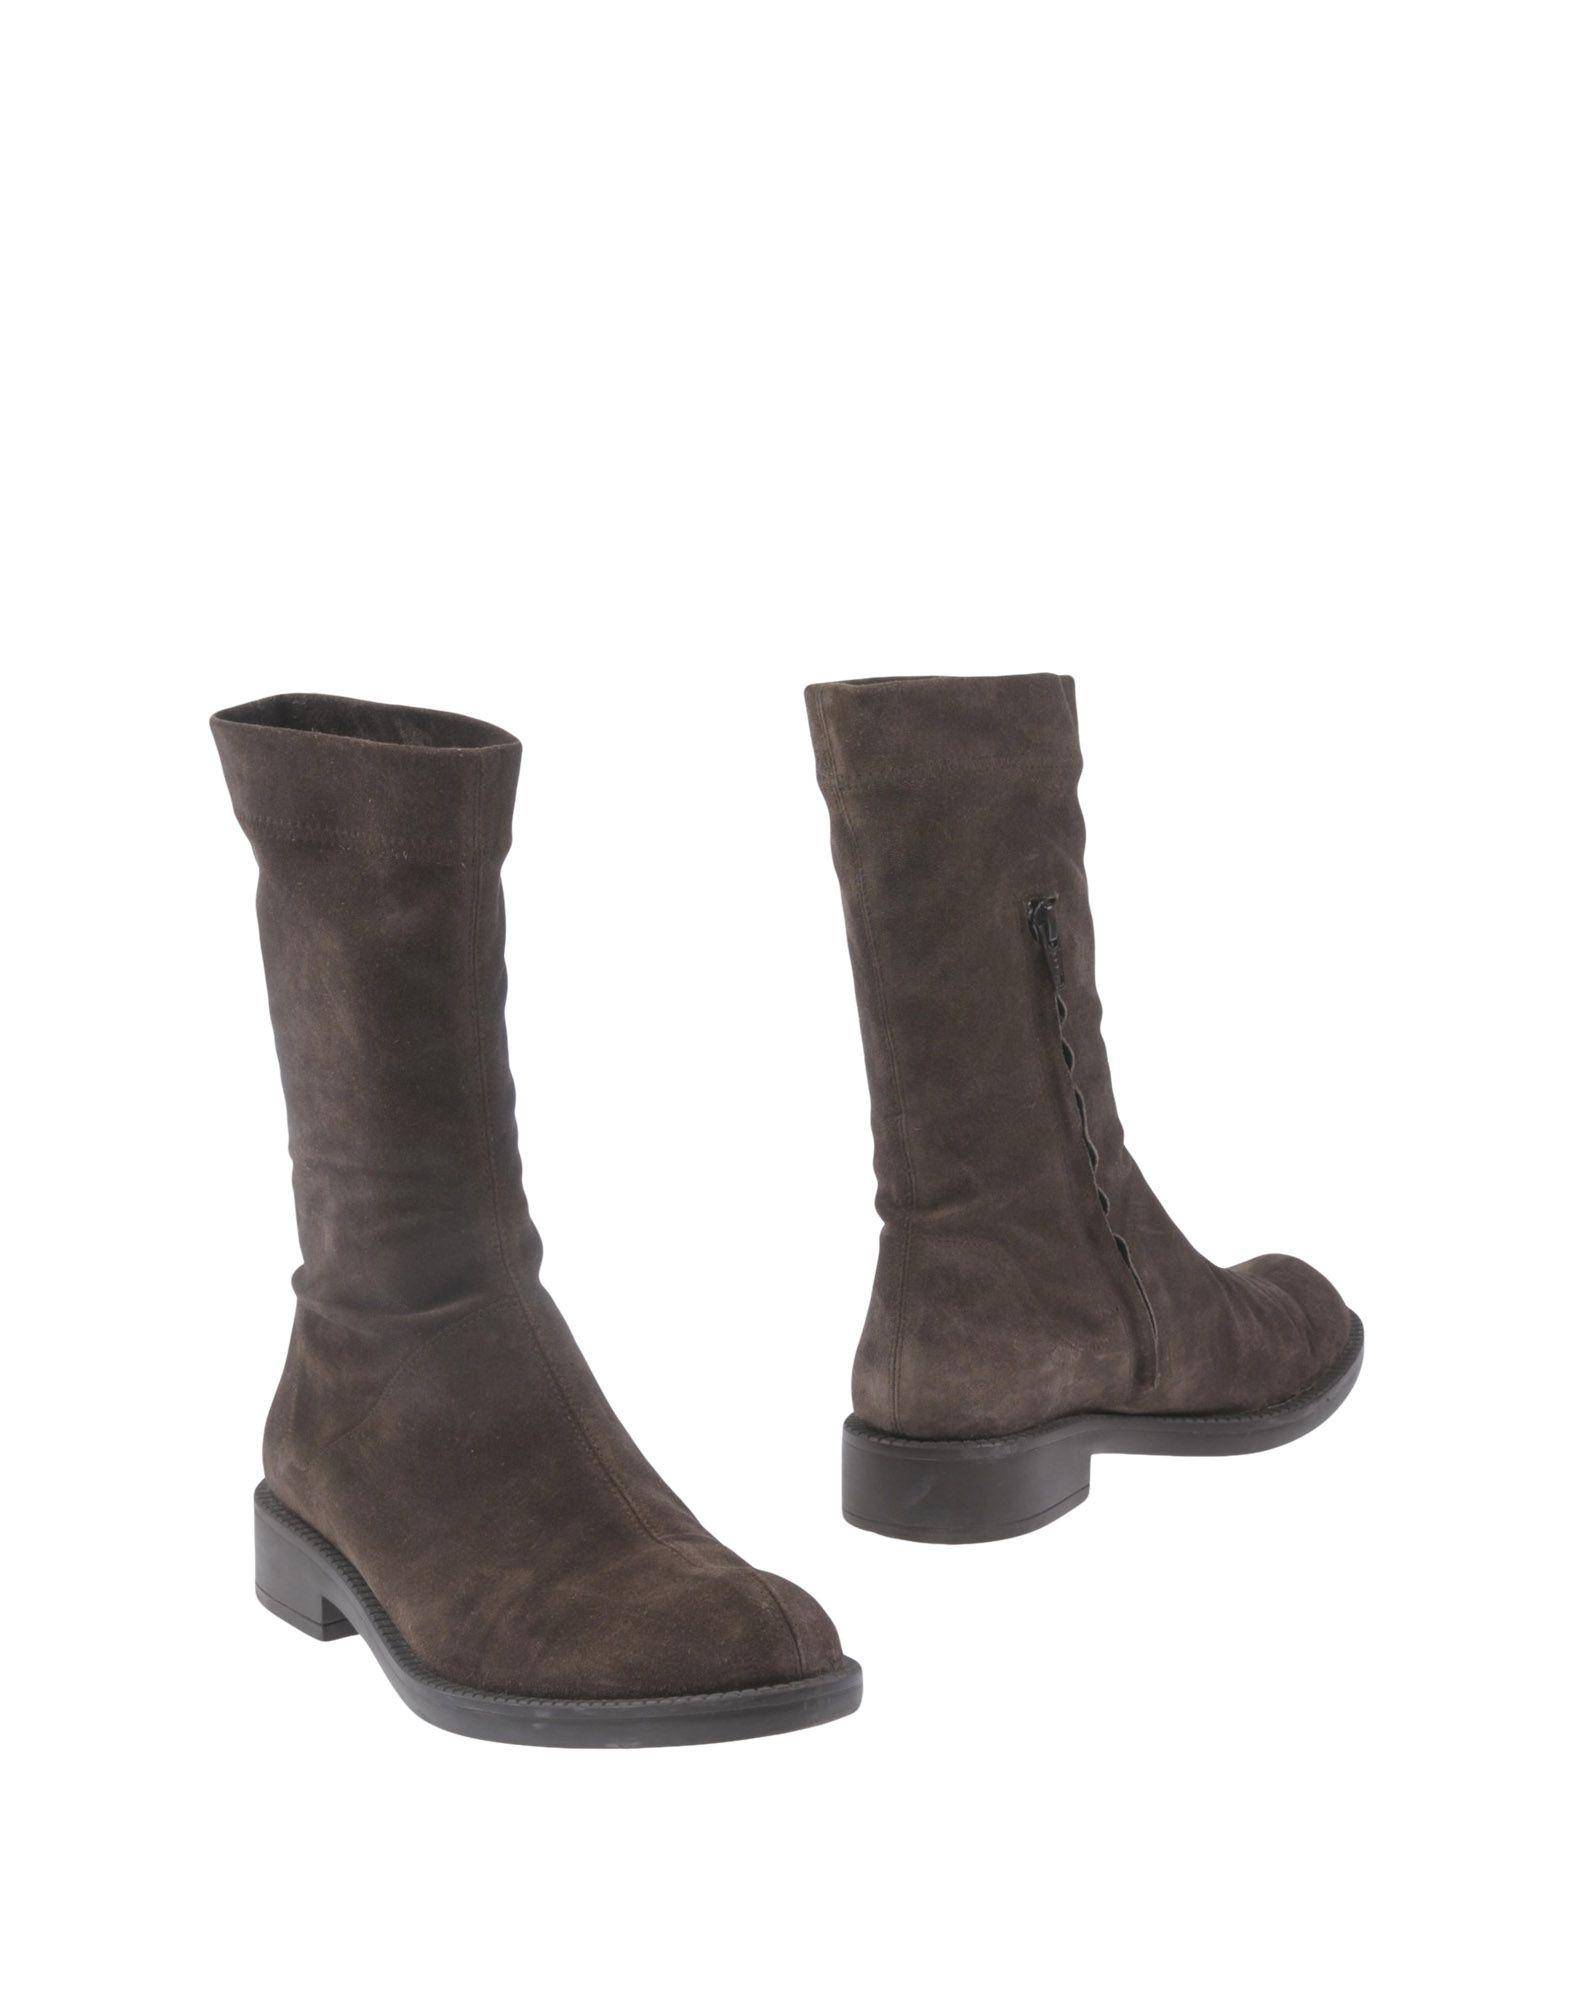 Pedro García Stiefelette Damen  11280874TXGut aussehende strapazierfähige Schuhe